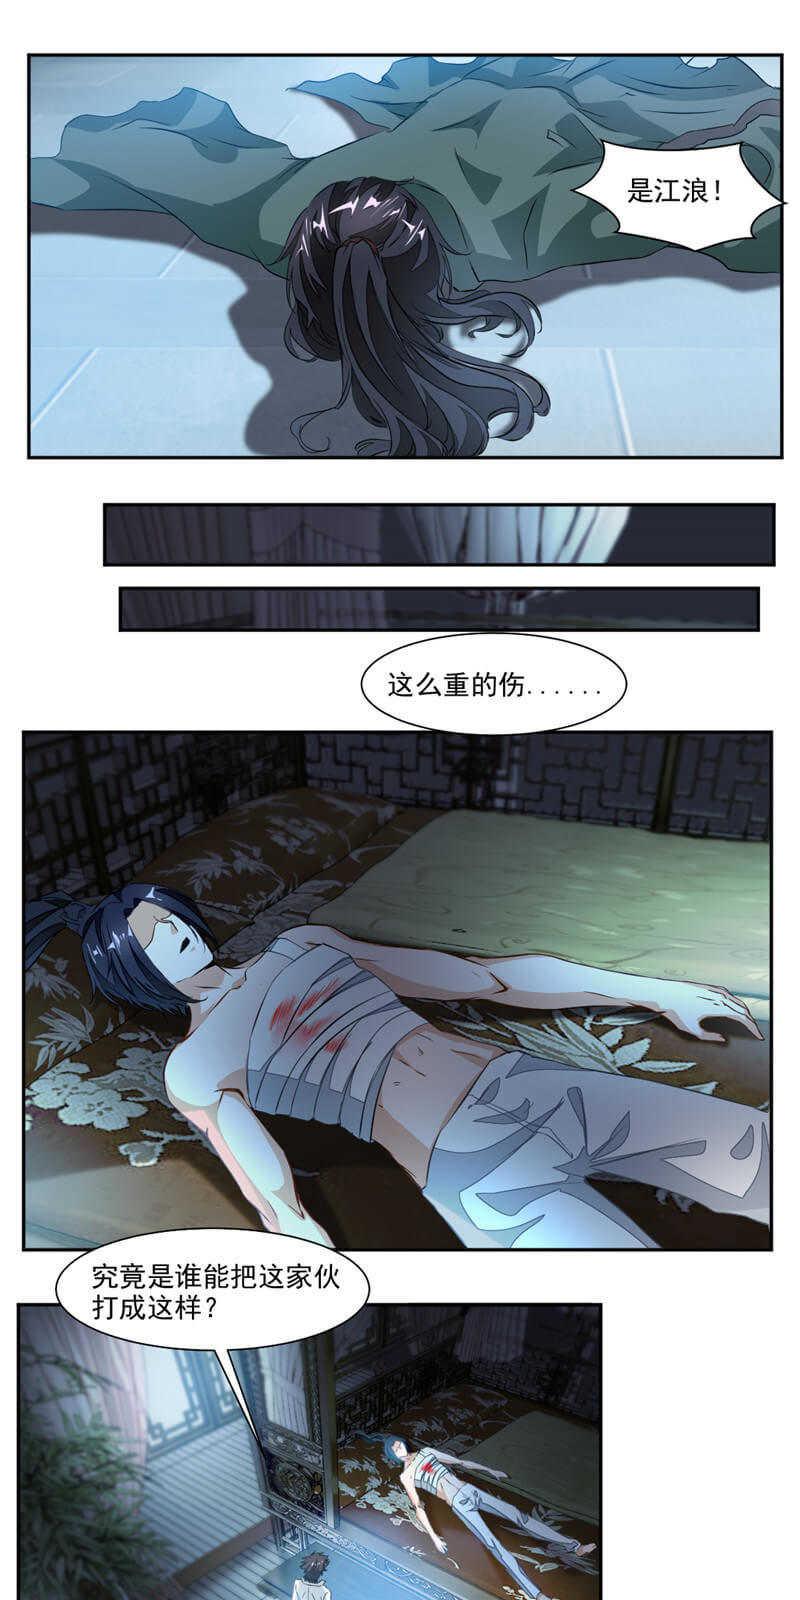 九阳神王第39话  受伤的变态 第 16